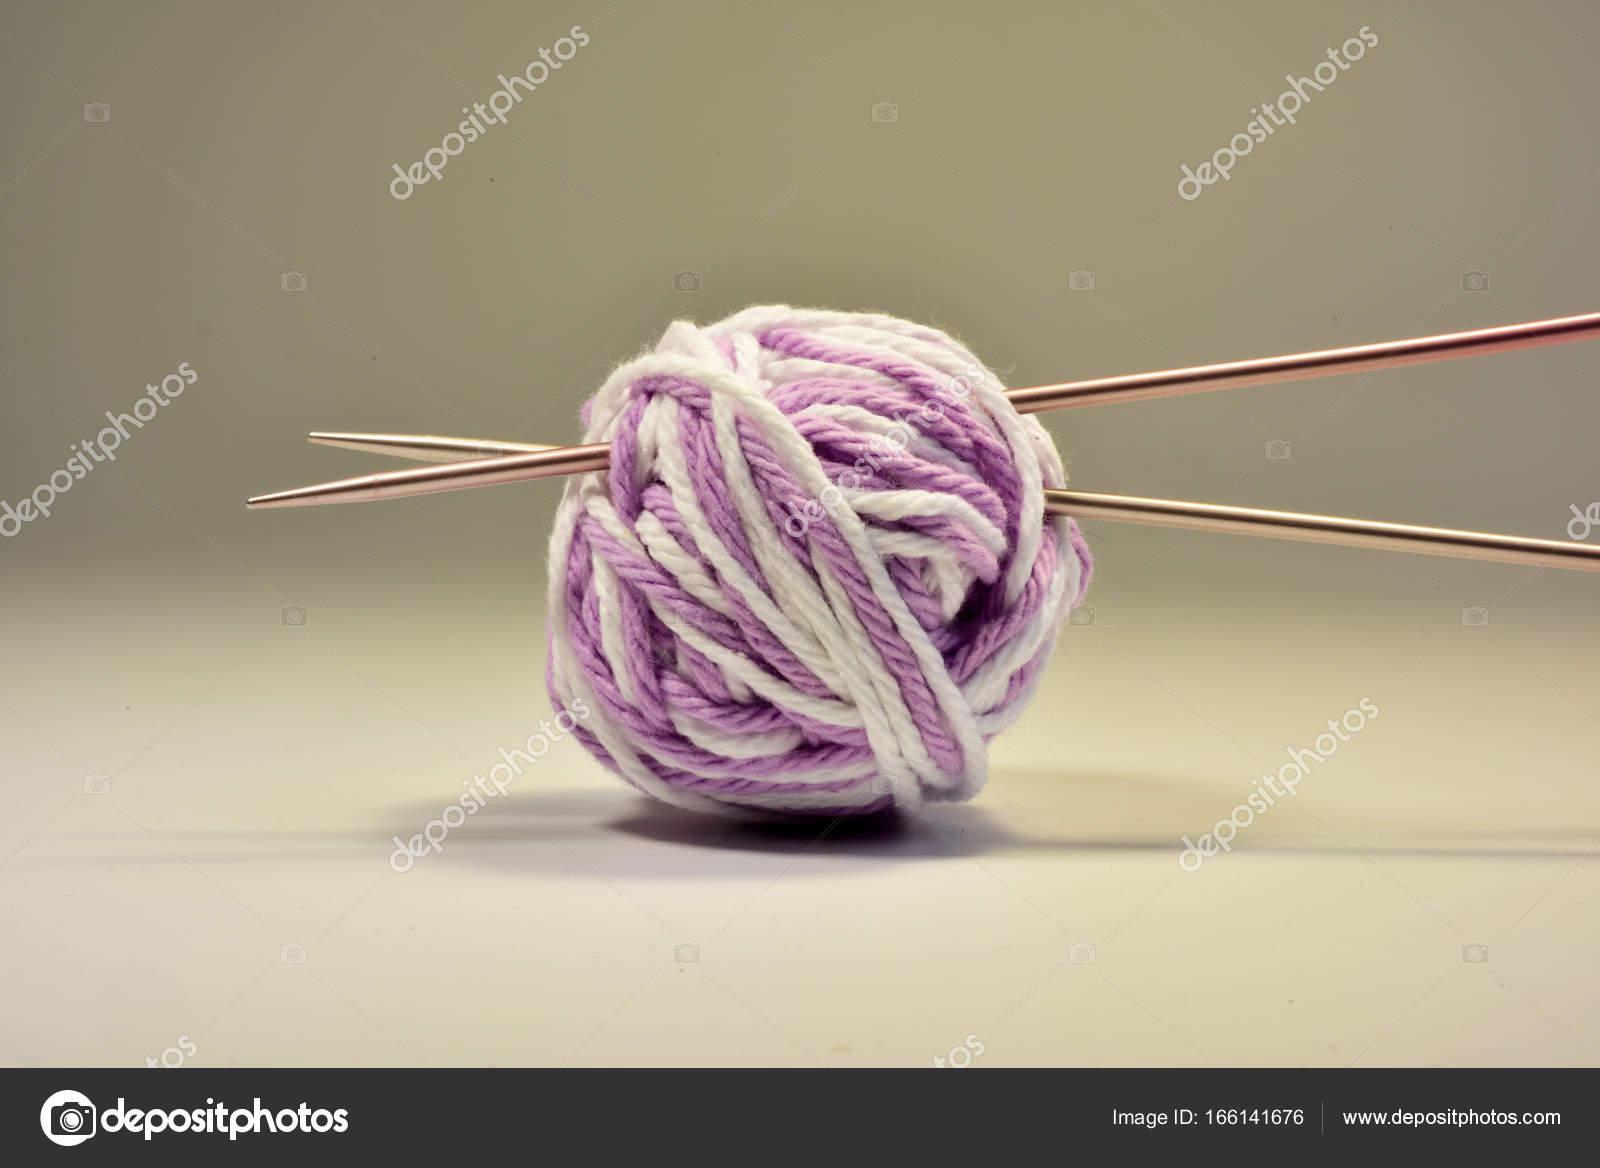 Baumwollgarn für die Strickerei — Stockfoto © coconat #166141676